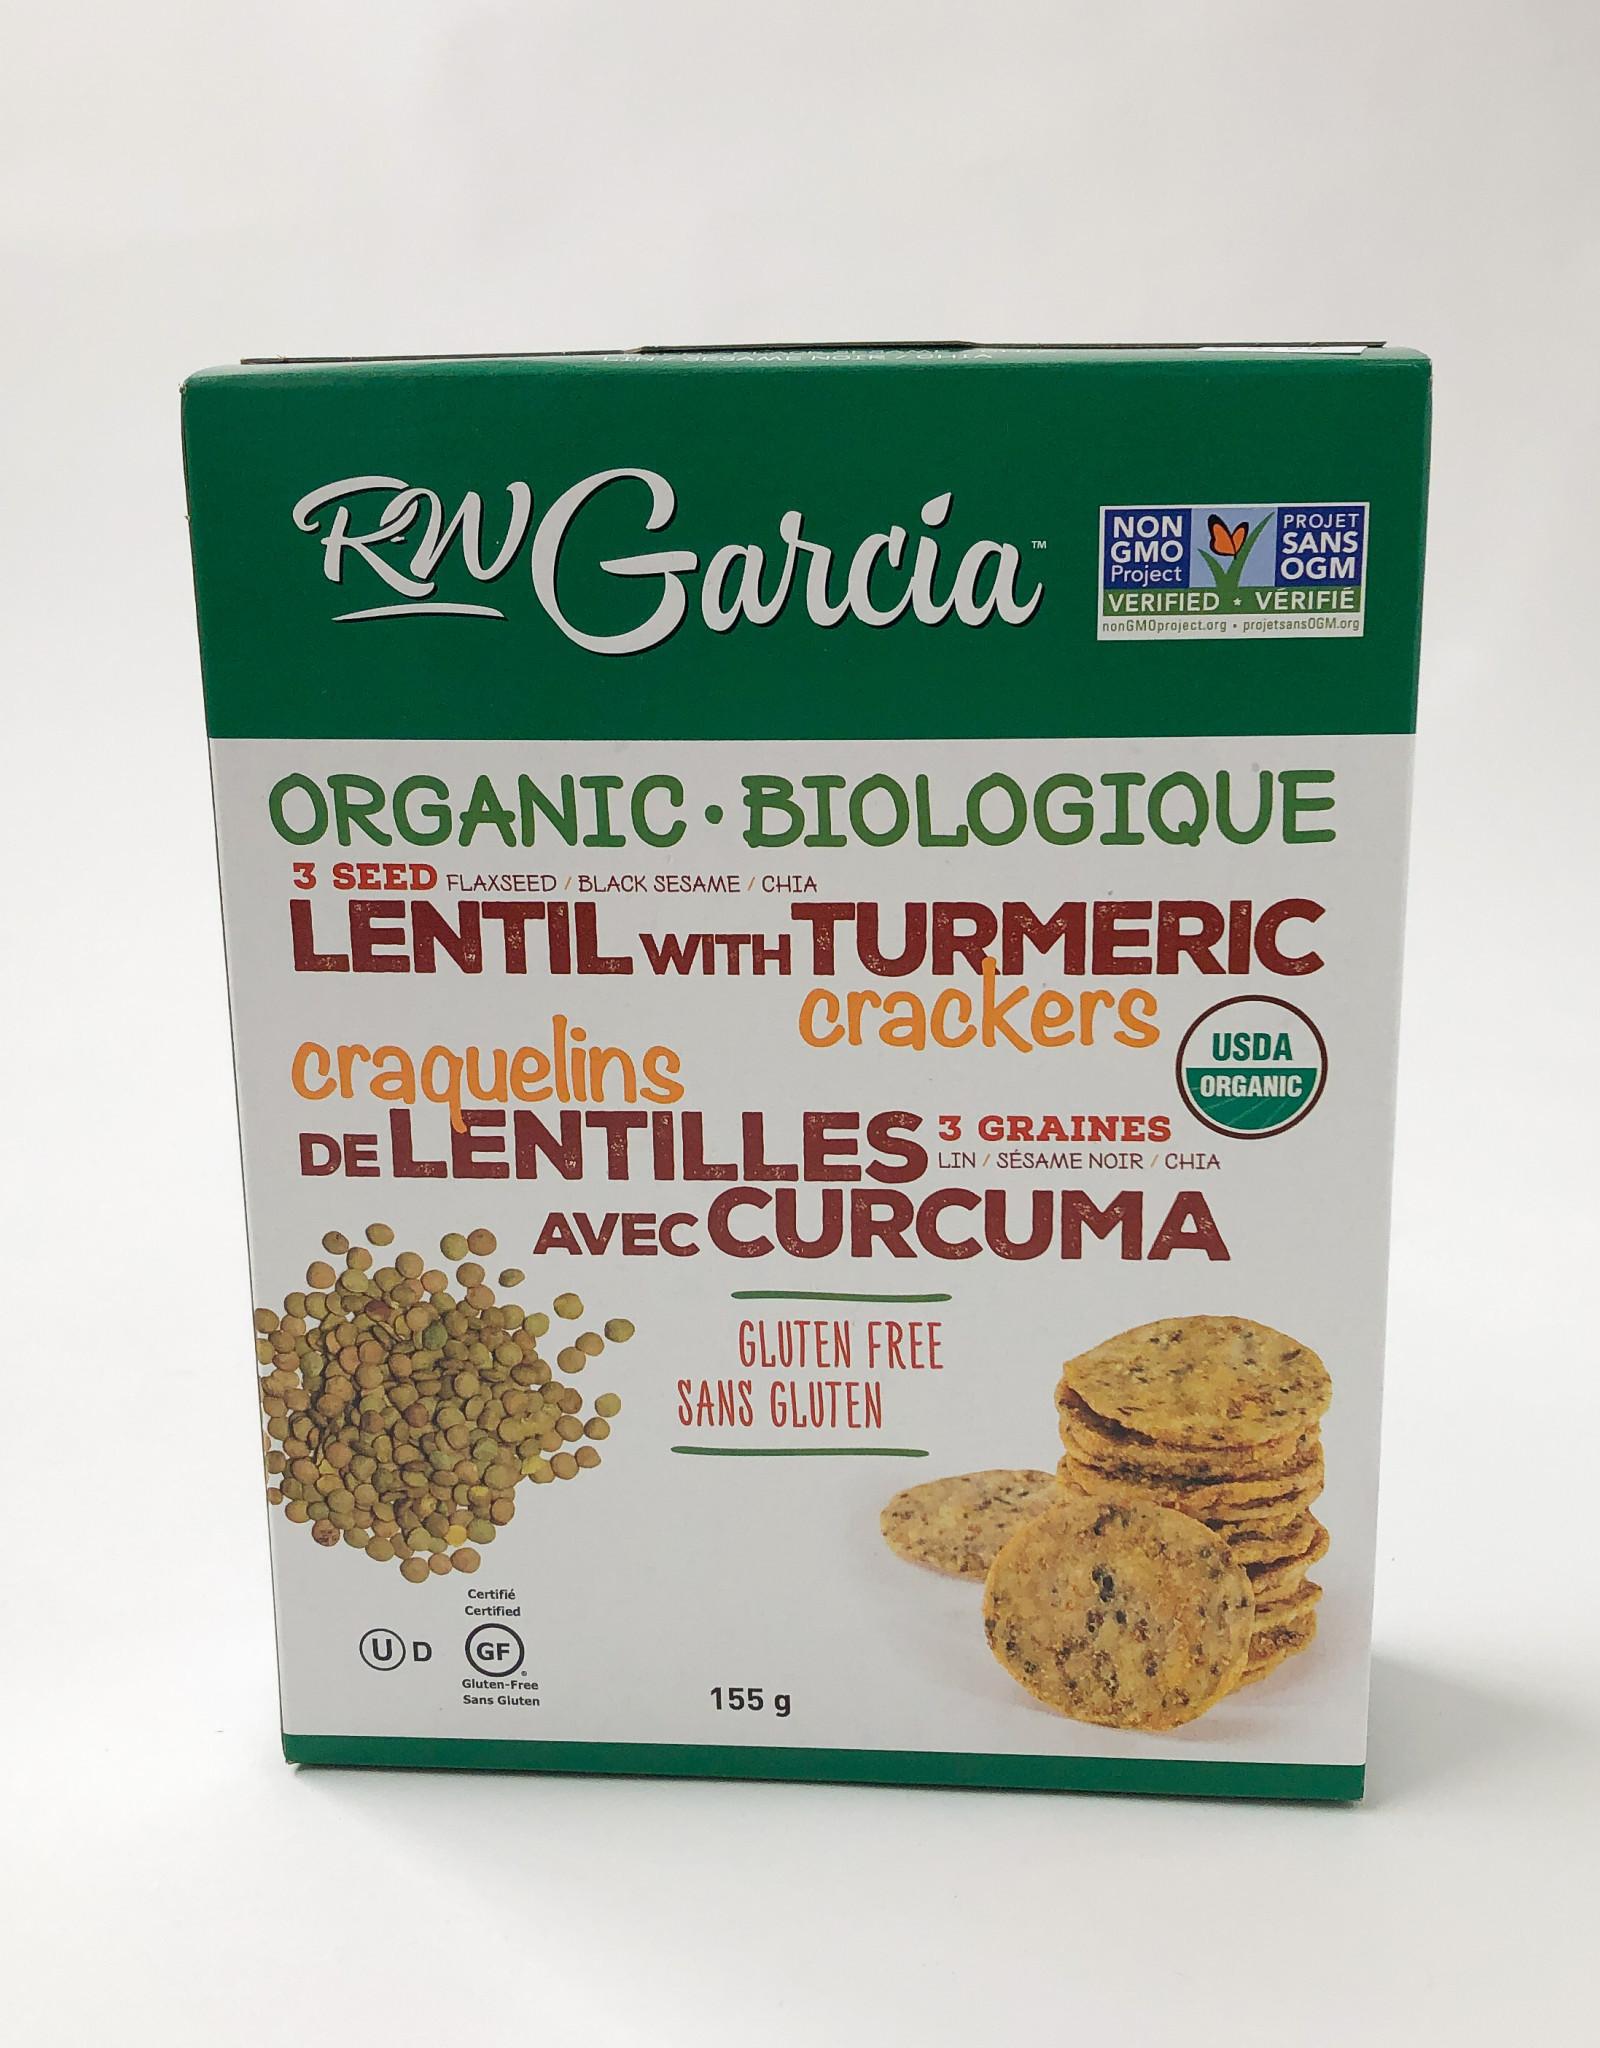 RW Garcia RW Garcia - Lentil Turmeric Crackers, 155g